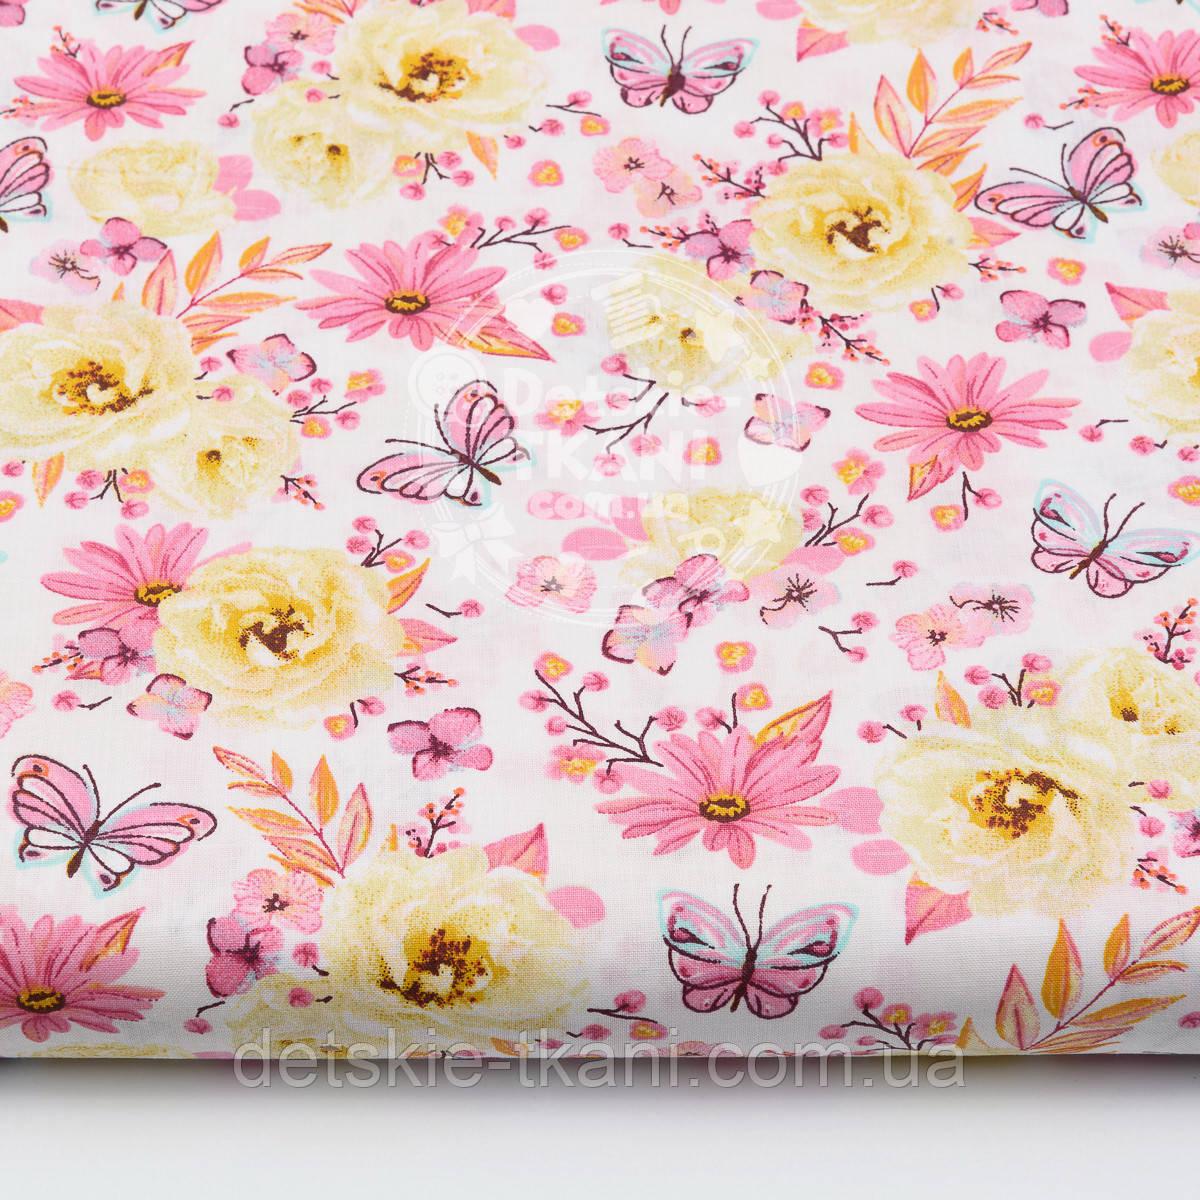 """Ткань хлопковая """"Цветочки среднего размера розовые и жёлтые с бабочками"""" (№ 1524а)"""